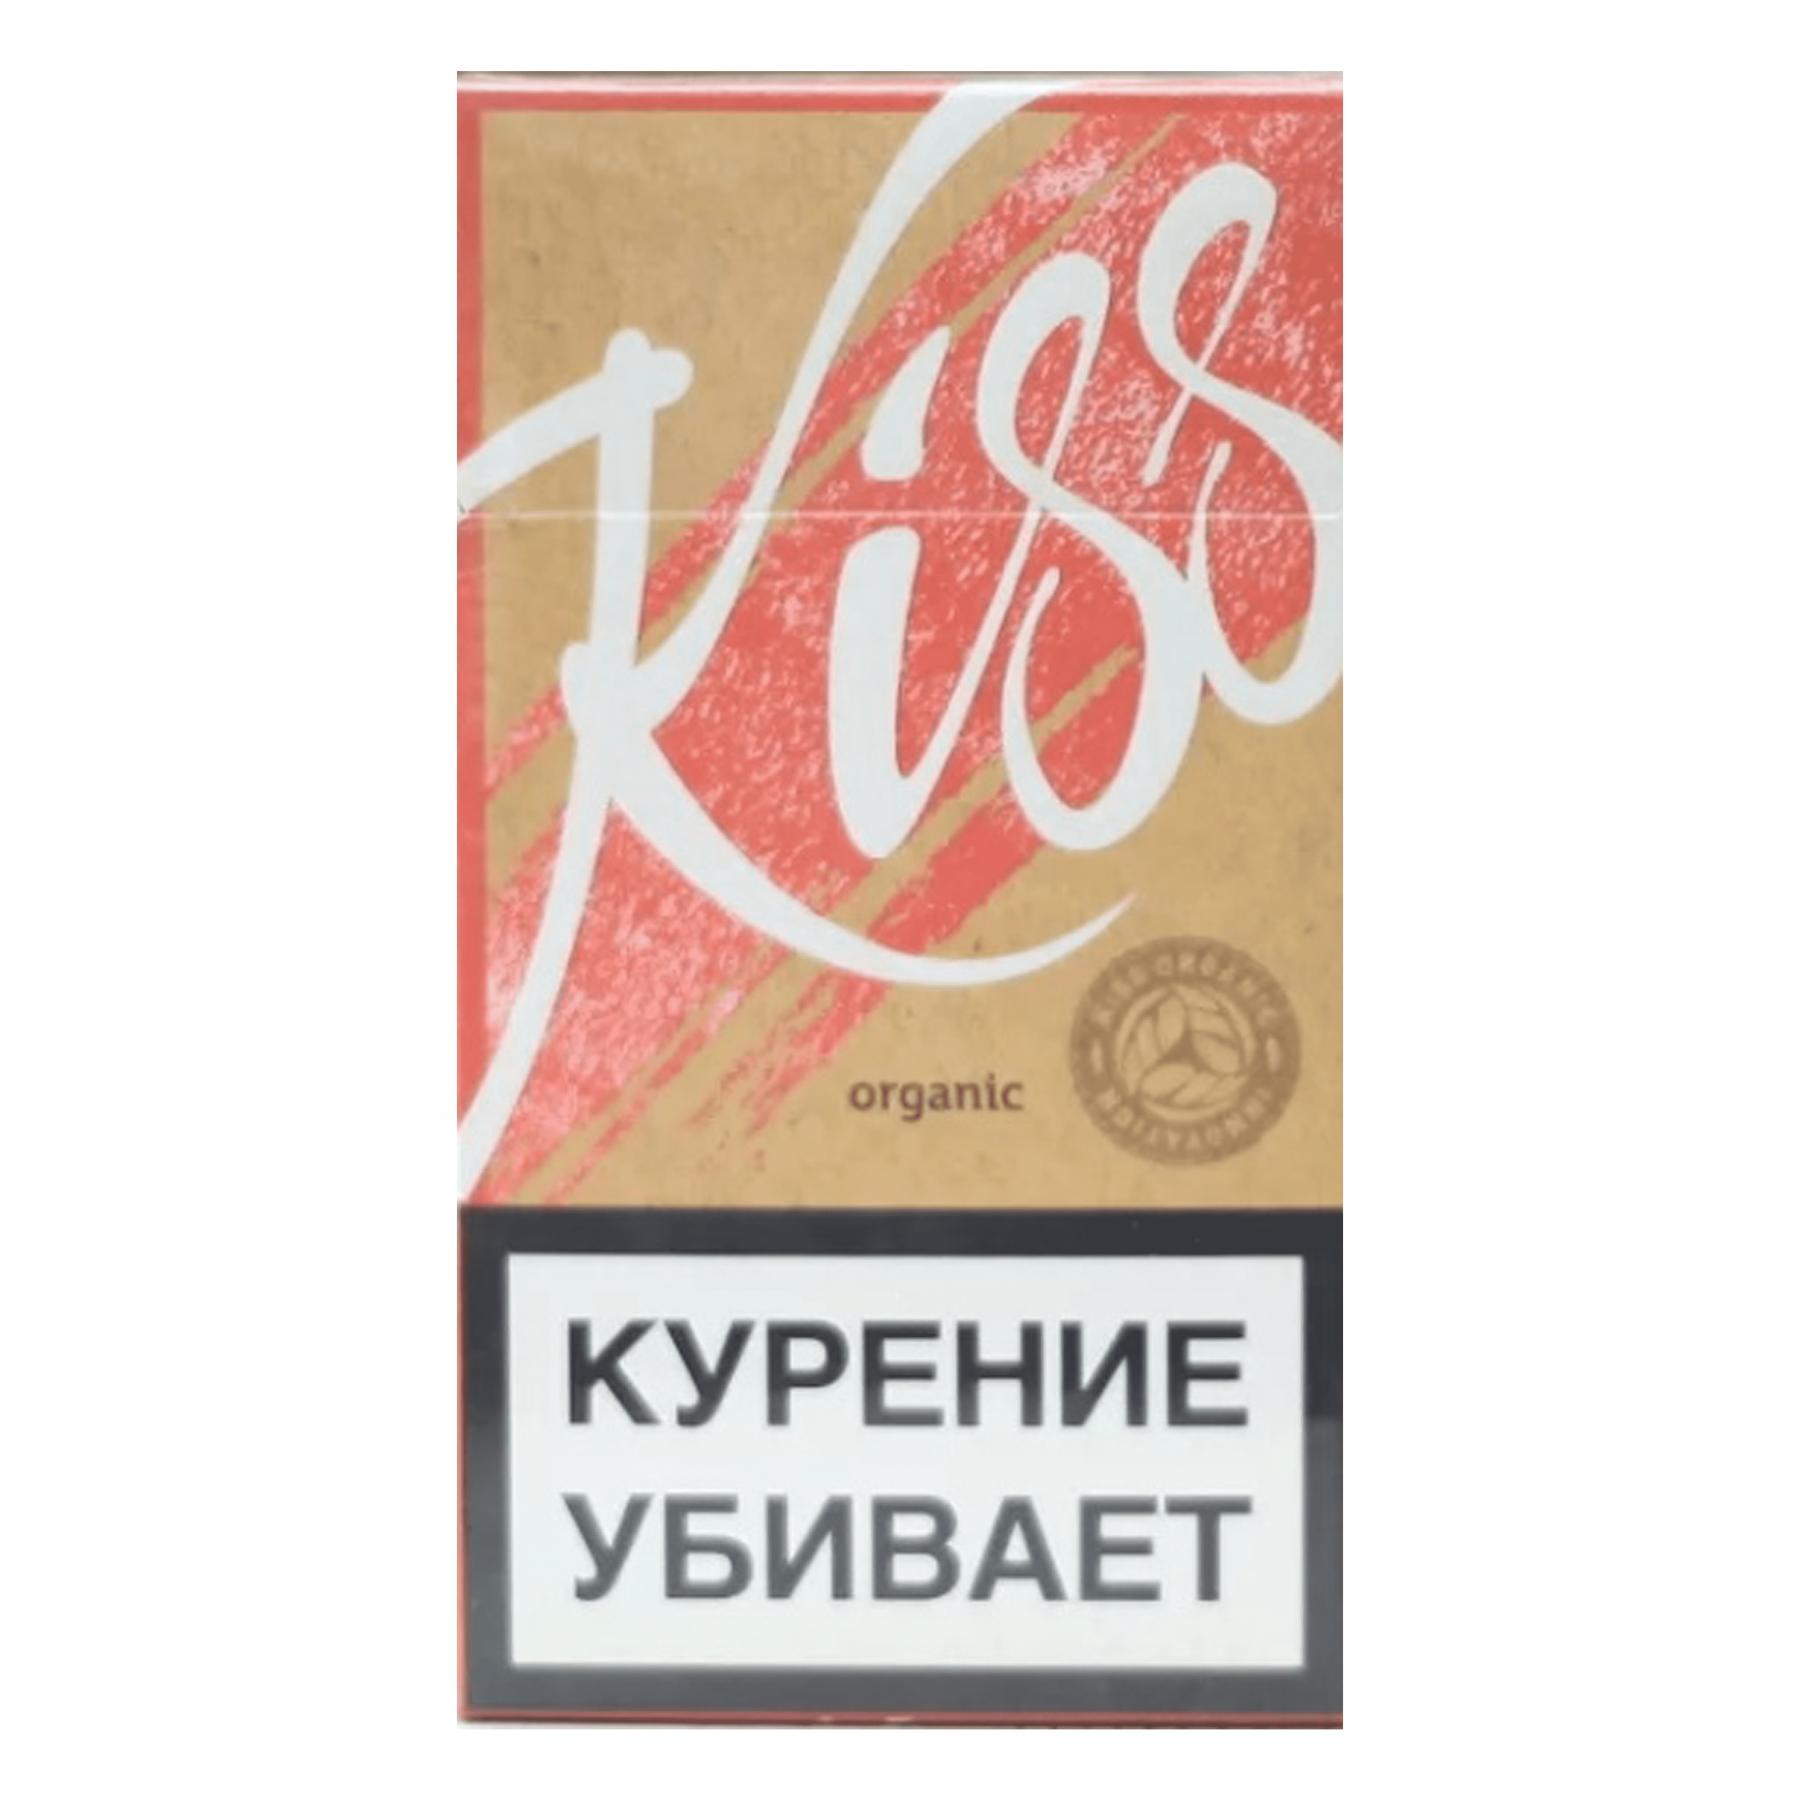 Сигареты кисс органик купить купить электронную сигарету hqd